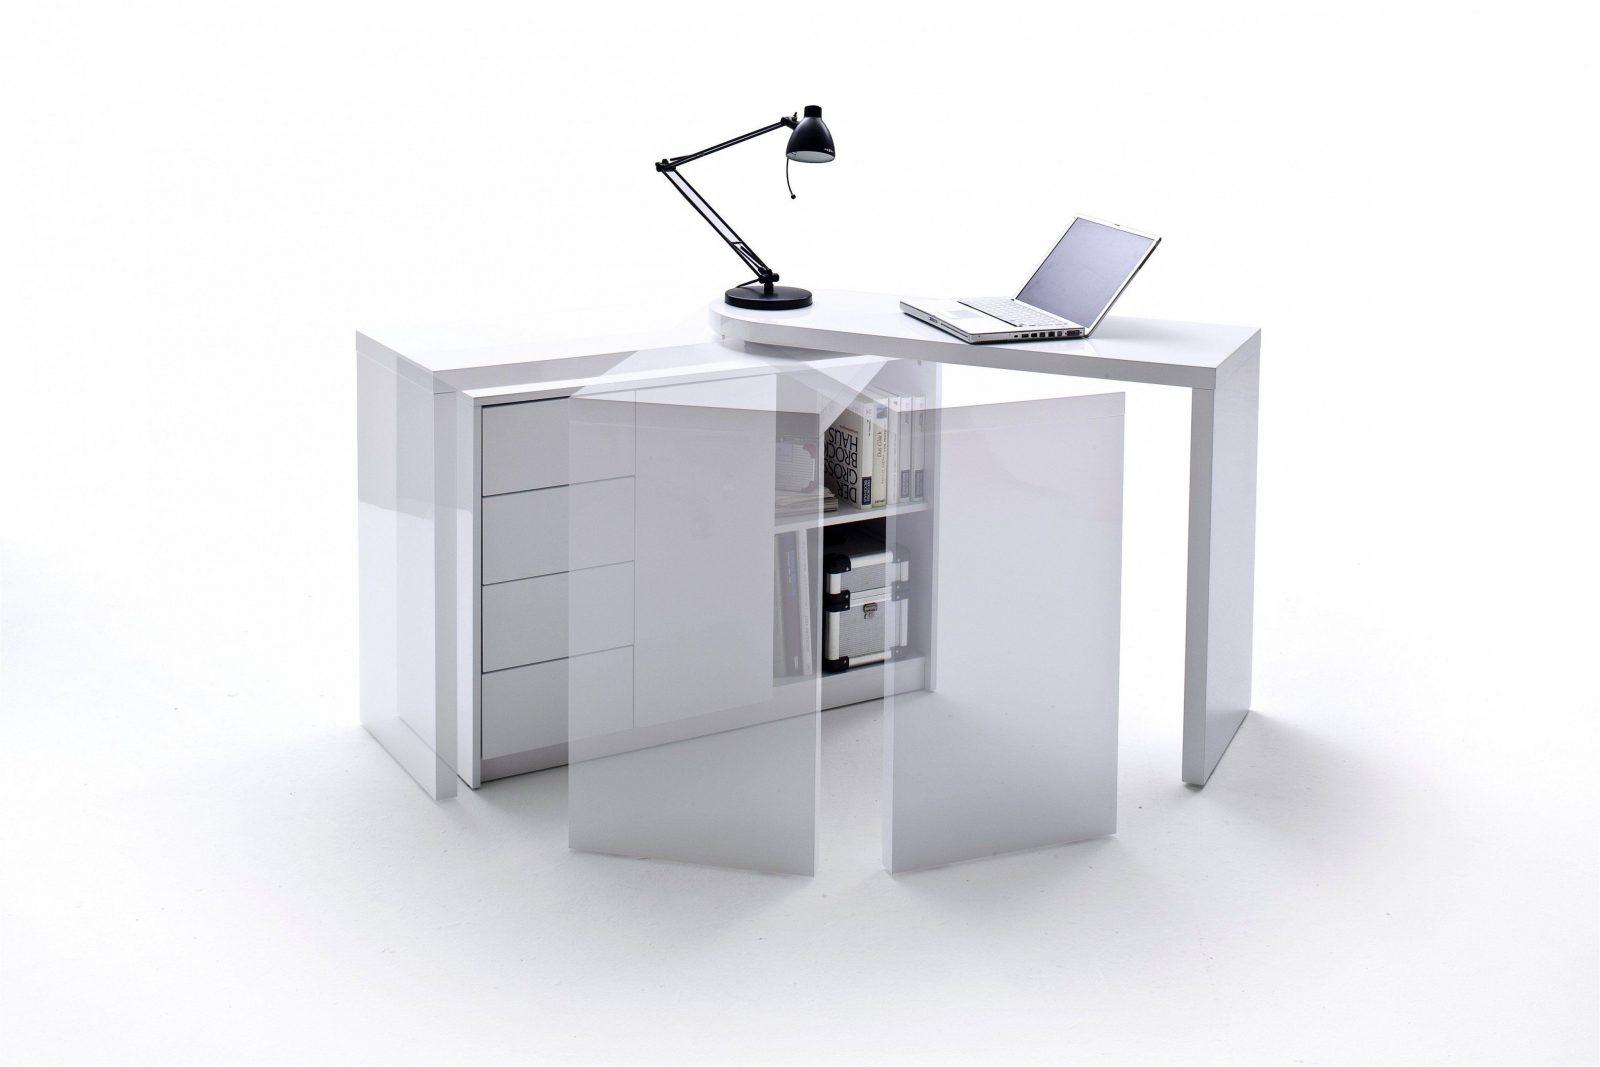 Schreibtisch Für Wenig Platz  Haus Design Ideen von Kleine Schreibtische Für Wenig Platz Bild